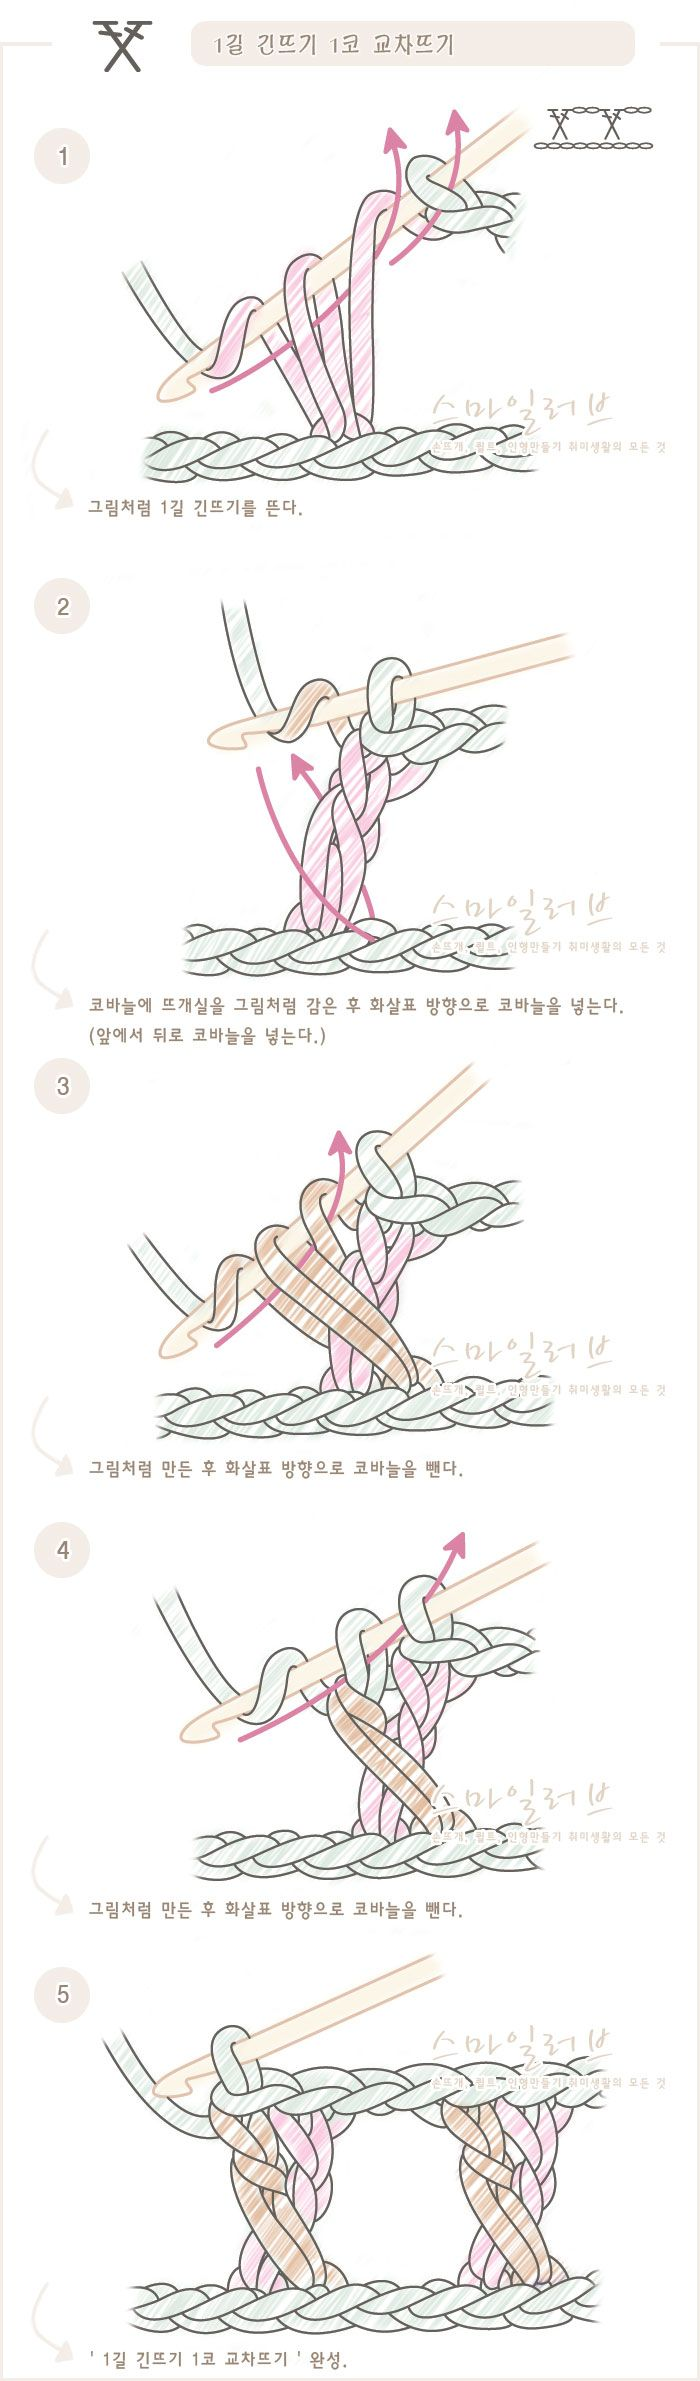 코바늘 강좌-[1길긴뜨기1코교차뜨기]코바늘 도안기호와 뜨는 방법. 뜨개질(손뜨개) 무료강좌